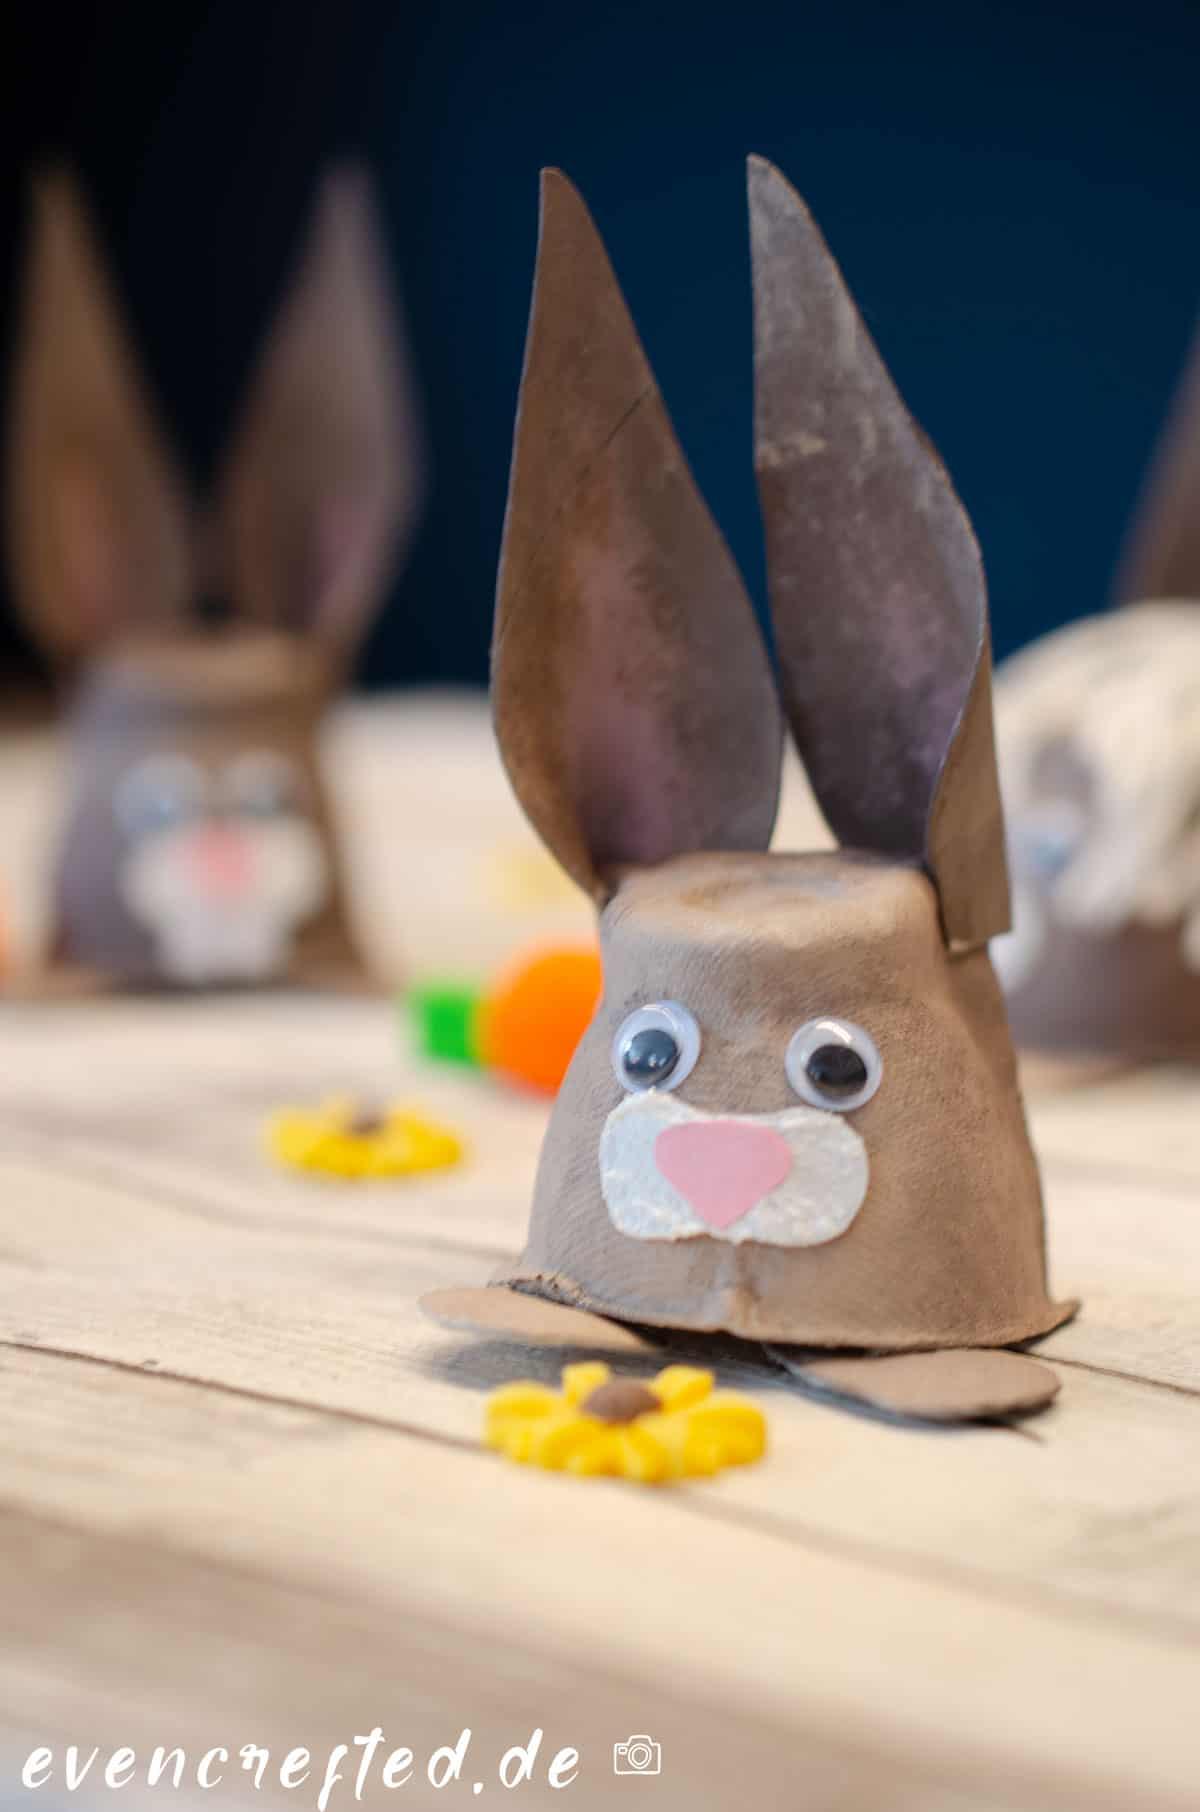 Suchst Du noch eine Bastelidee zu Ostern? Wie wär's mit diesen niedlichen Osterhasen aus Papier & Eierkarton. Anleitung für Anfänger geeignet | evencrafted.de ♥ DIY & Naturkosmetik Blog